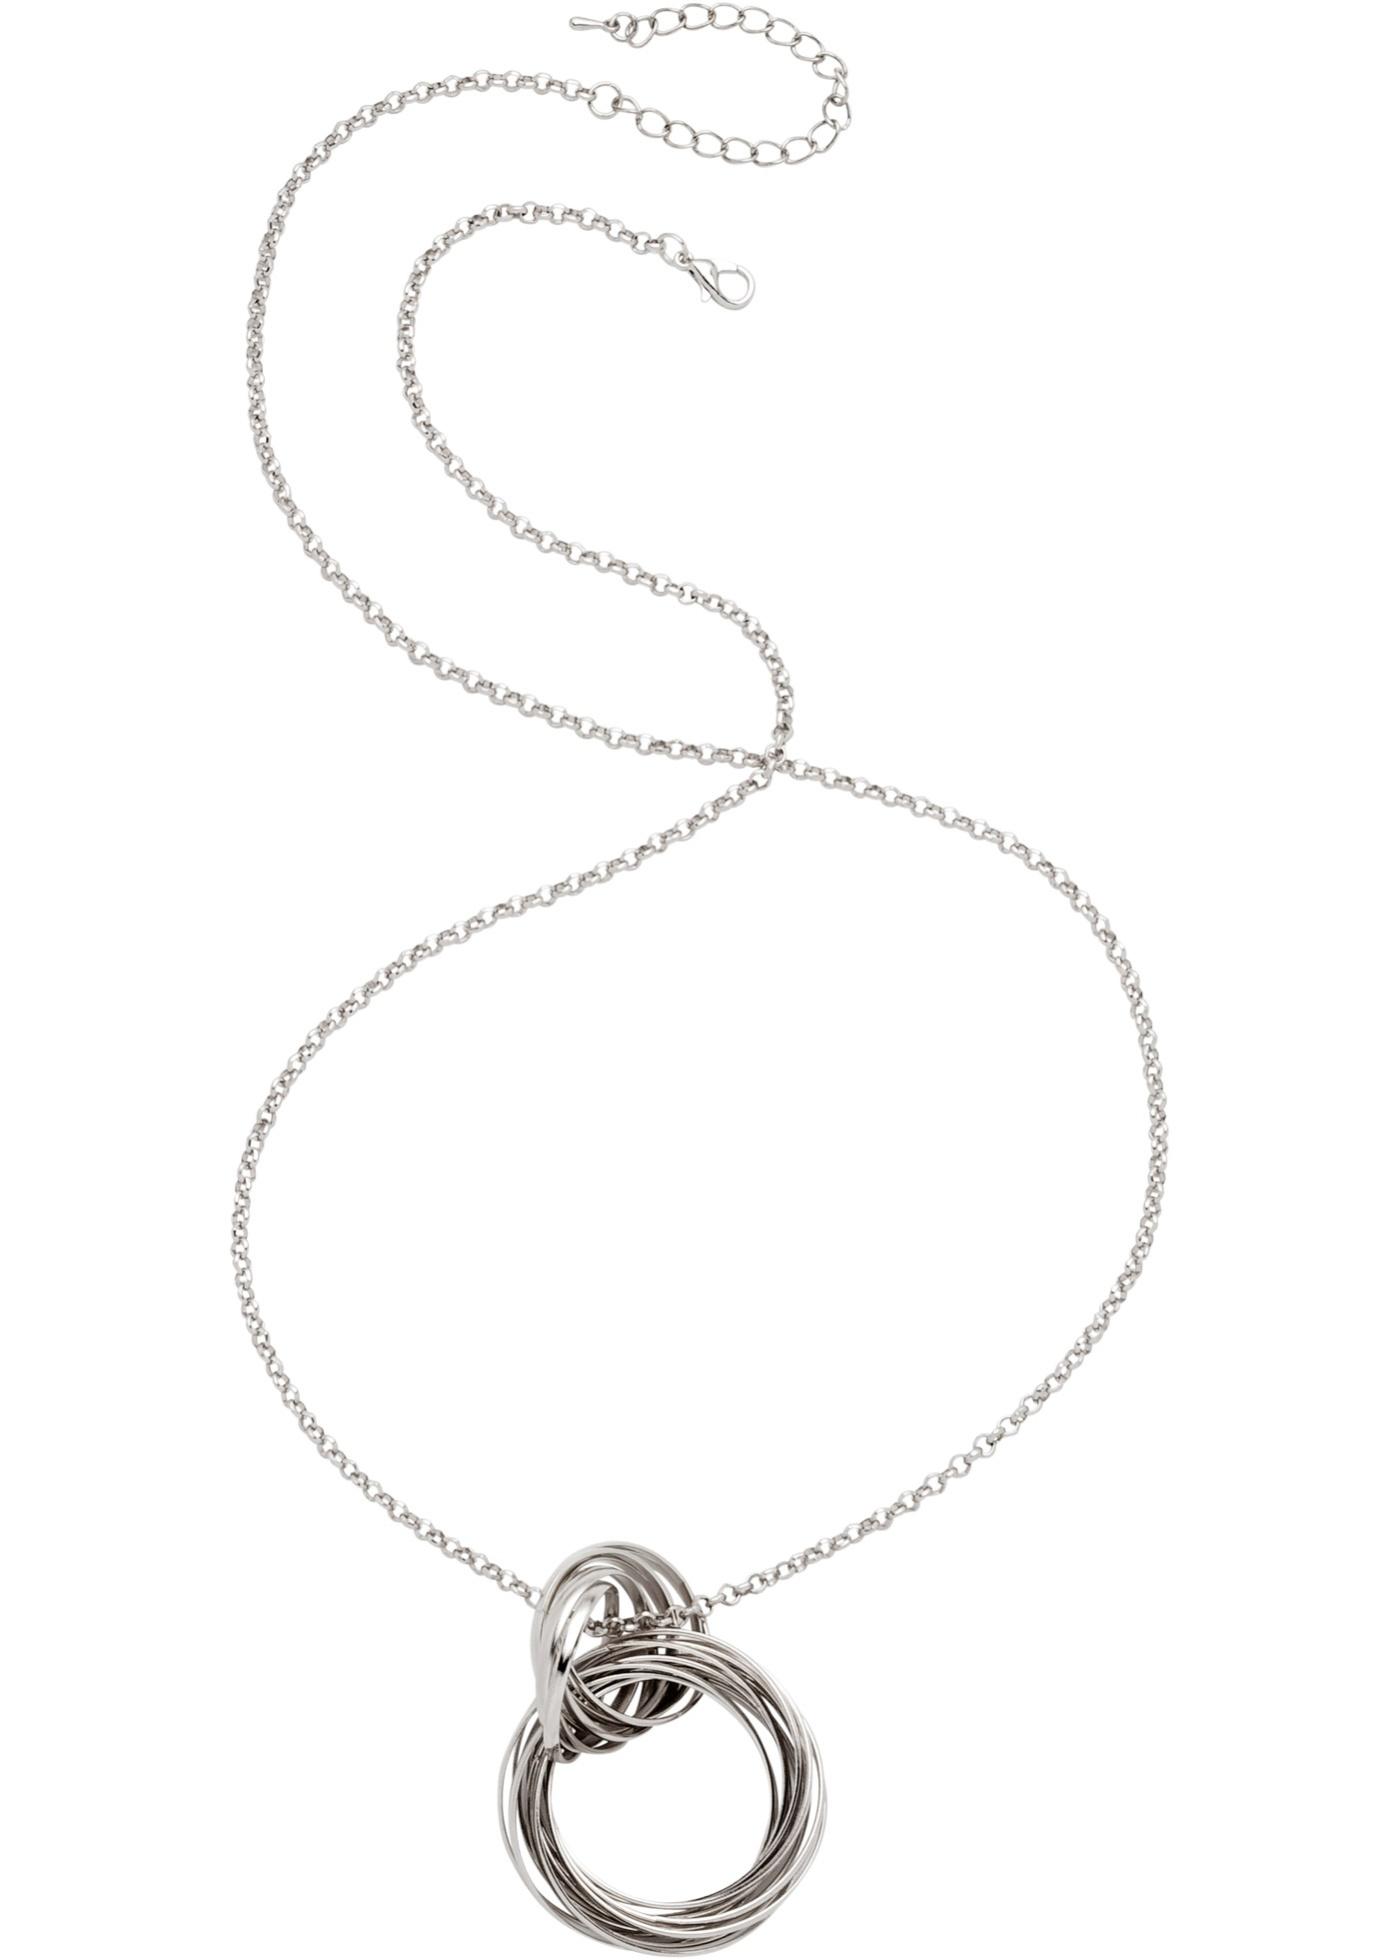 Ce collier au design sobre se porte aussi bien pour les occasions festives que décontractées.